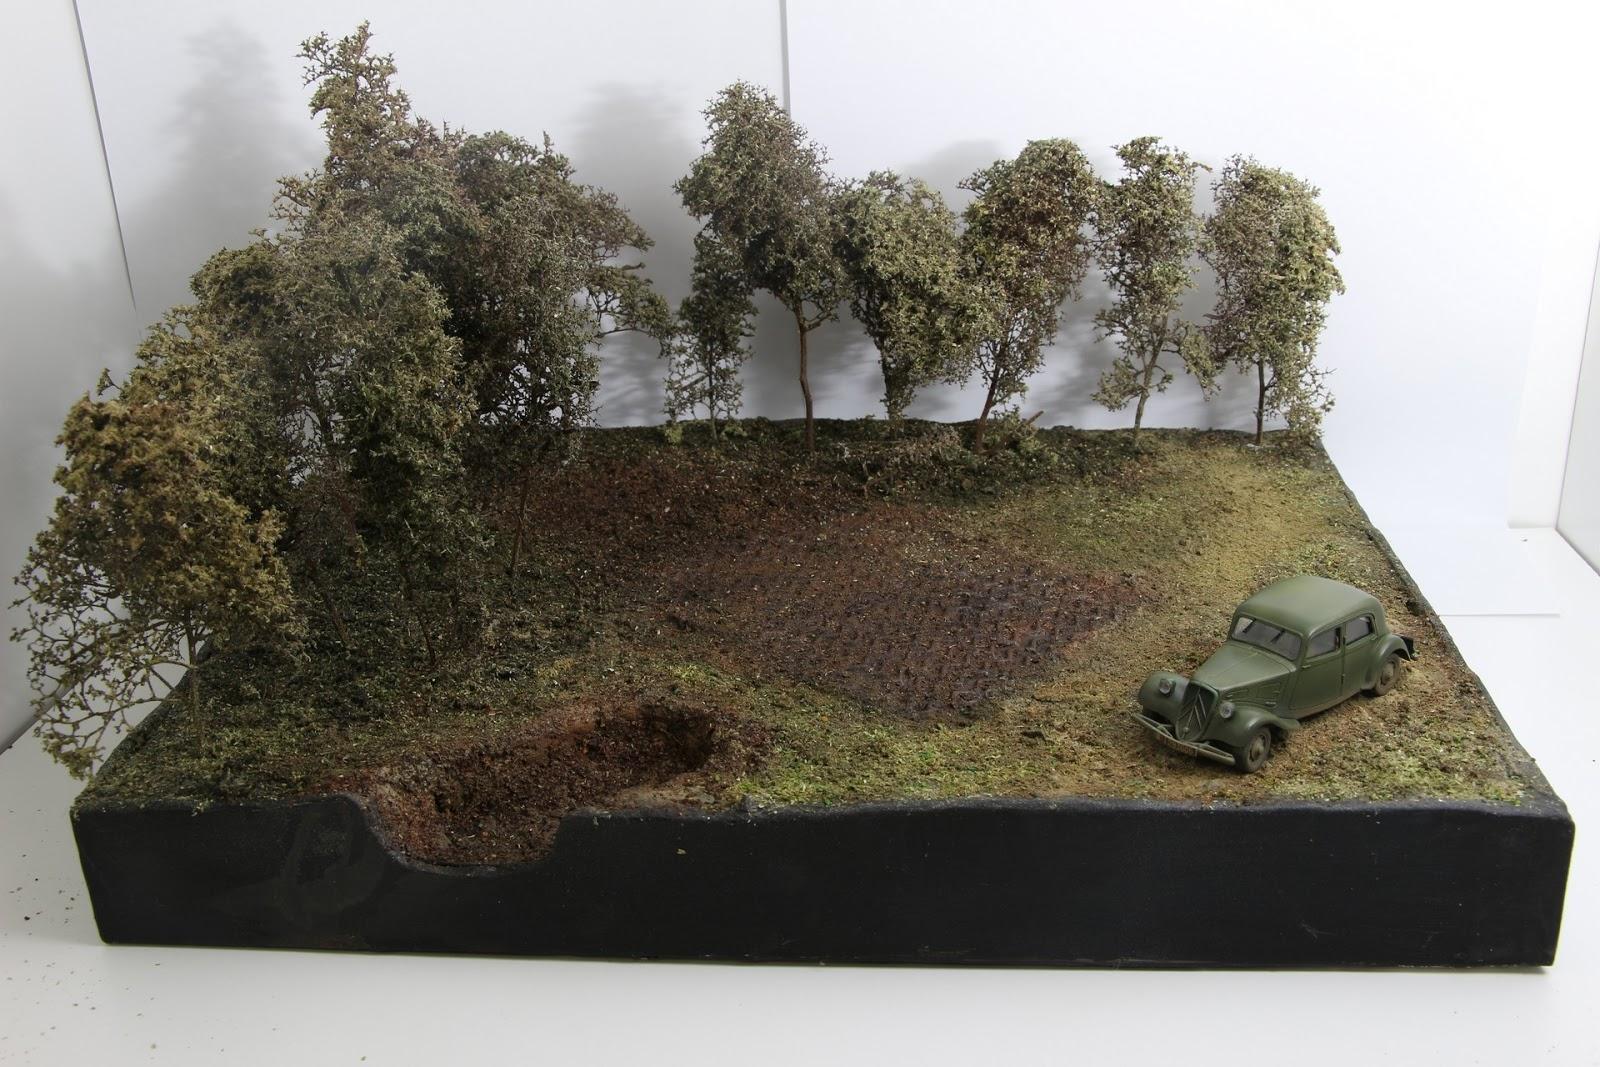 comment faire un diorama avec un dewoitine d 520